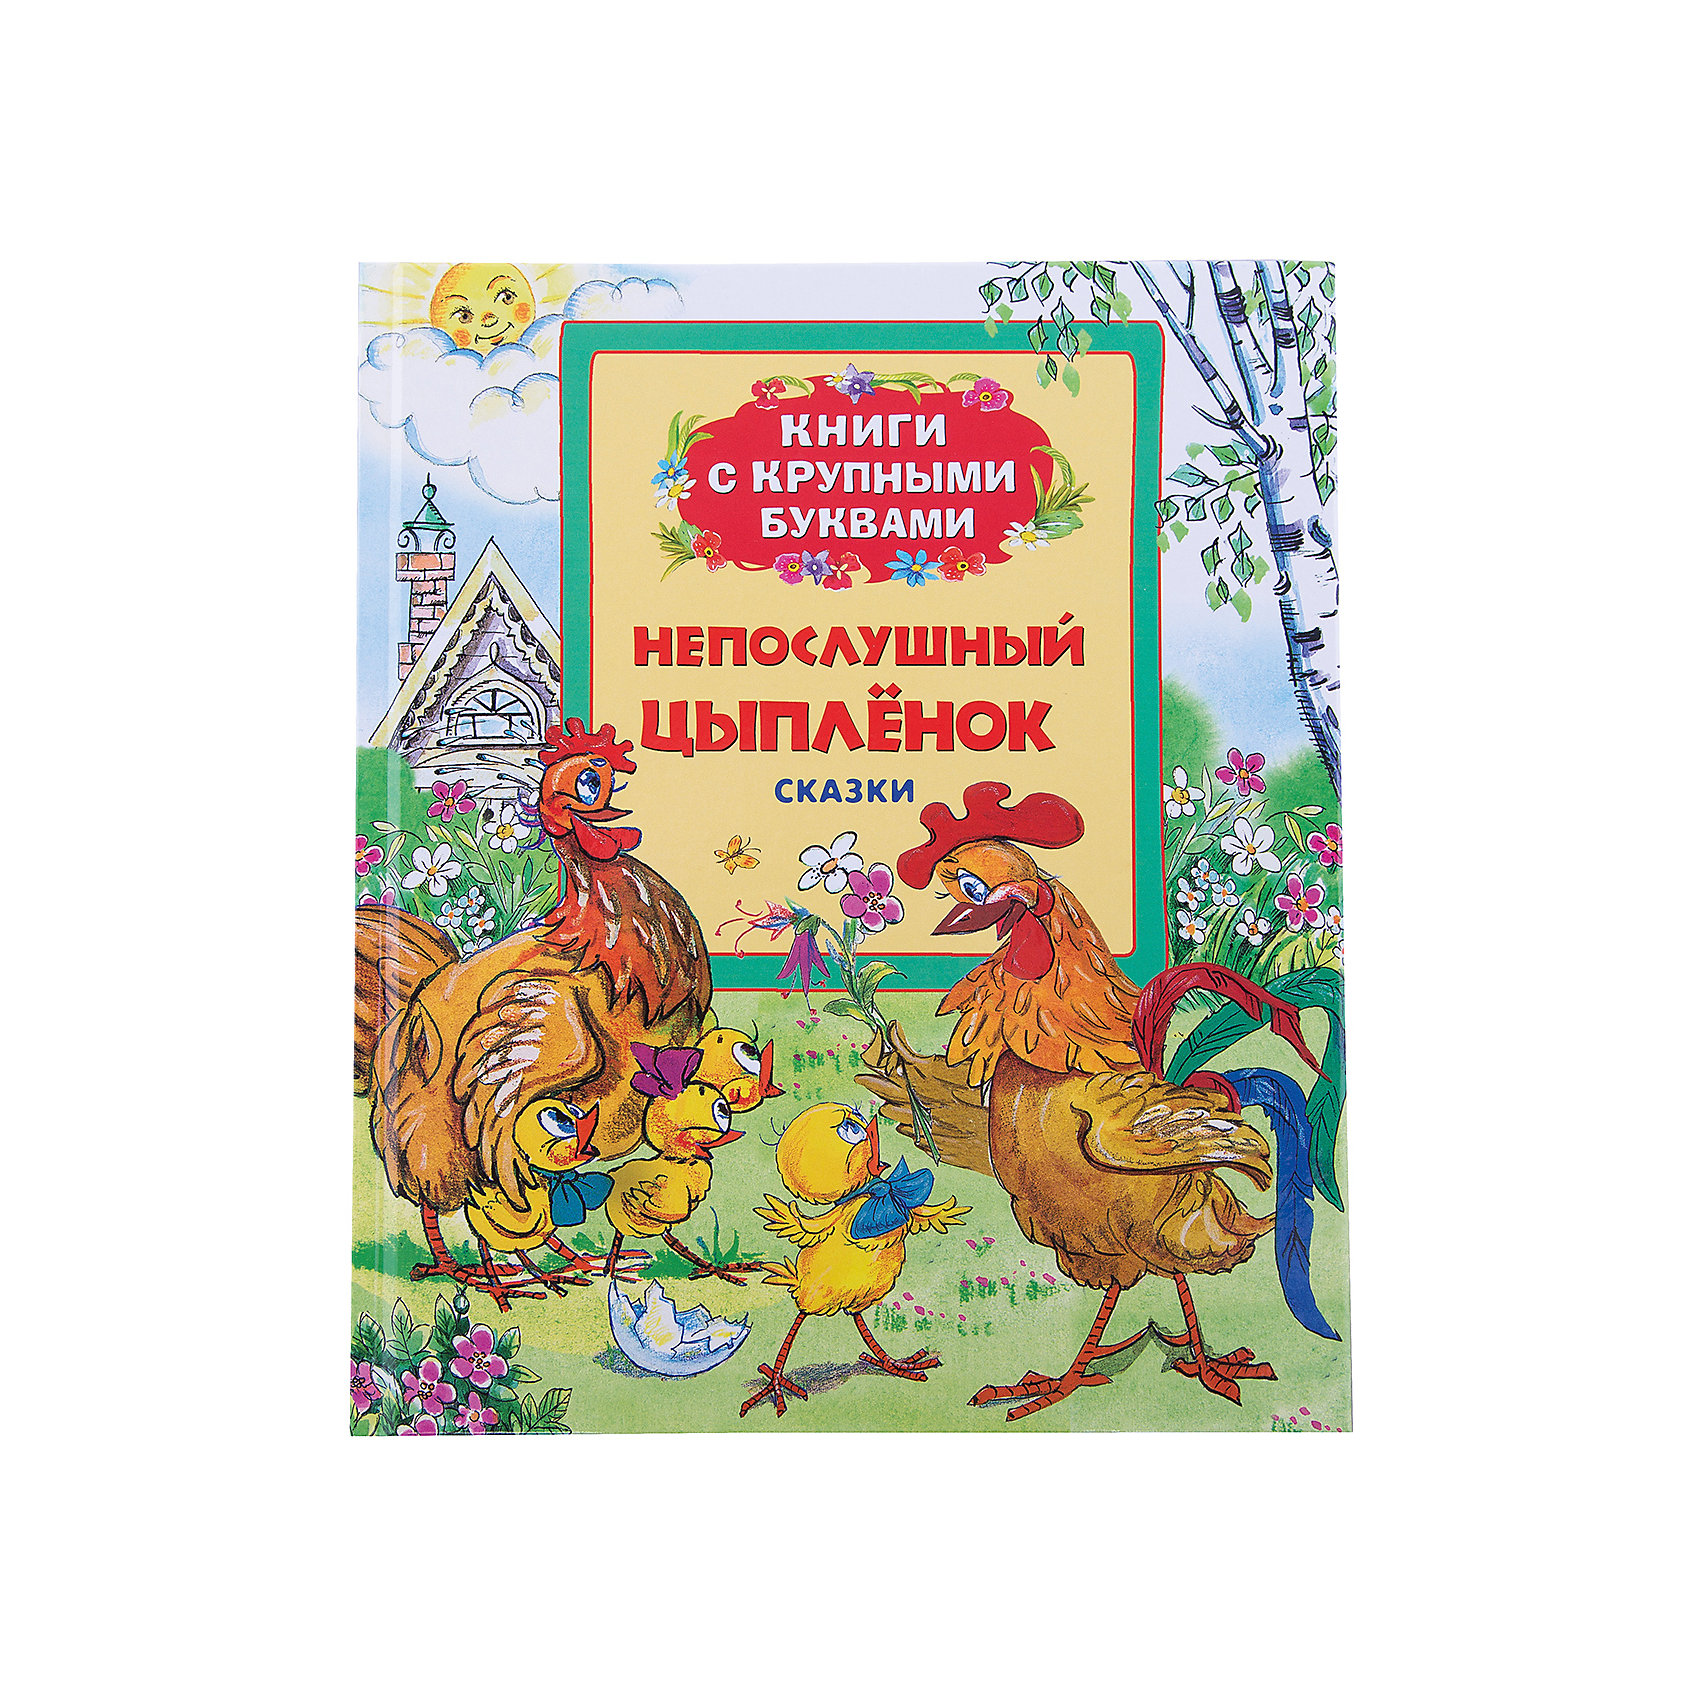 Книга с крупными буквами Непослушный цыпленокНепослушный цыпленок, Росмэн - замечательная добрая книга, созданная по мотивам мультфильмов киностудии Союзмультфильм. В издание вошли две увлекательные и поучительные истории: Непослушный цыпленок - о приключениях потерявшегося цыпленка, и Пирожок - сказка о том, как важно вовремя и дружно сделать работу, чтобы получить вкусный результат. В книге яркие красочные иллюстрации и крупные буквы, специально для детей, которые только учатся читать.<br><br>Дополнительная информация:<br><br>- Серия: Книги с крупными буквами.<br>- Авторы: В. Арбеков, Сакко Рунге, Александр Кумма.  <br>- Иллюстраторы: В. Арбеков.<br>- Обложка: твердая.<br>- Иллюстрации: цветные.<br>- Объем: 32 стр.<br>- Размер: 24,5 х 20,5 x 0,8 см. <br>- Вес: 0,294 кг.<br><br>Книгу Непослушный цыпленок, Росмэн, можно купить в нашем интернет-магазине.<br><br>Ширина мм: 245<br>Глубина мм: 205<br>Высота мм: 8<br>Вес г: 294<br>Возраст от месяцев: 36<br>Возраст до месяцев: 72<br>Пол: Унисекс<br>Возраст: Детский<br>SKU: 4046773